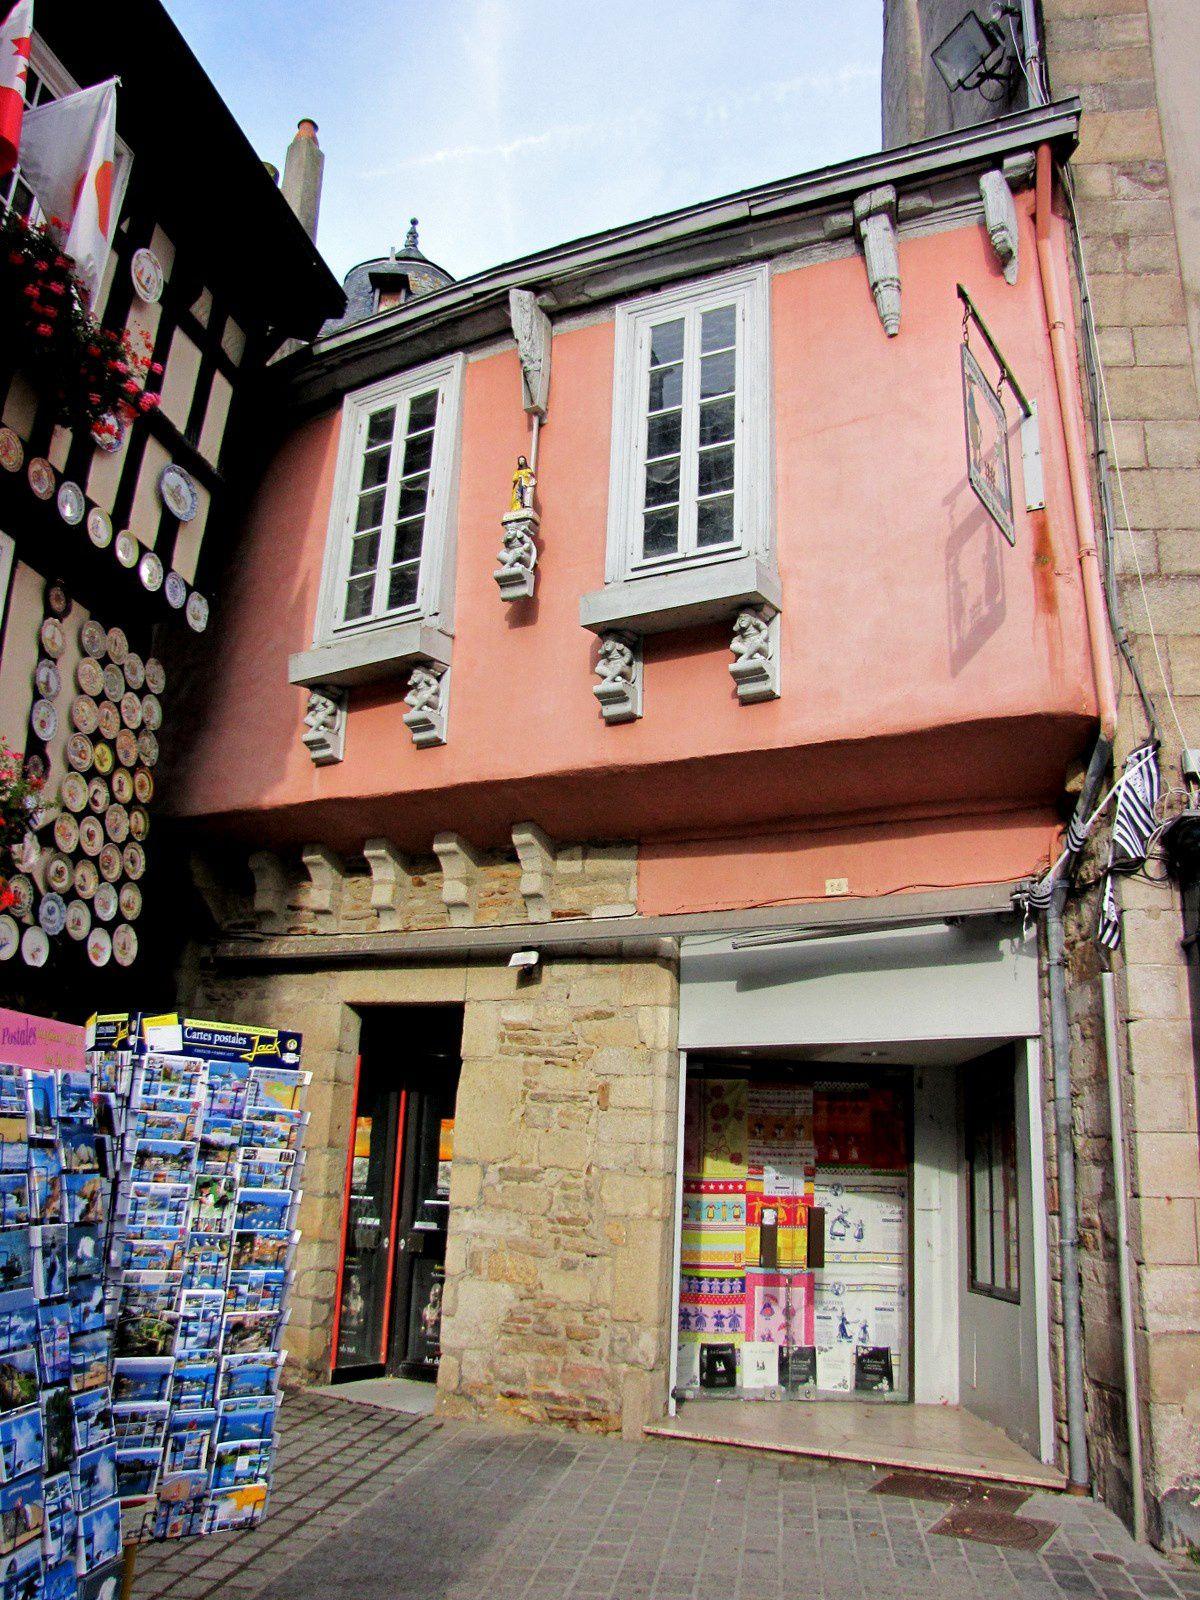 Maisons à encorbellements, Quimper (Finistère)